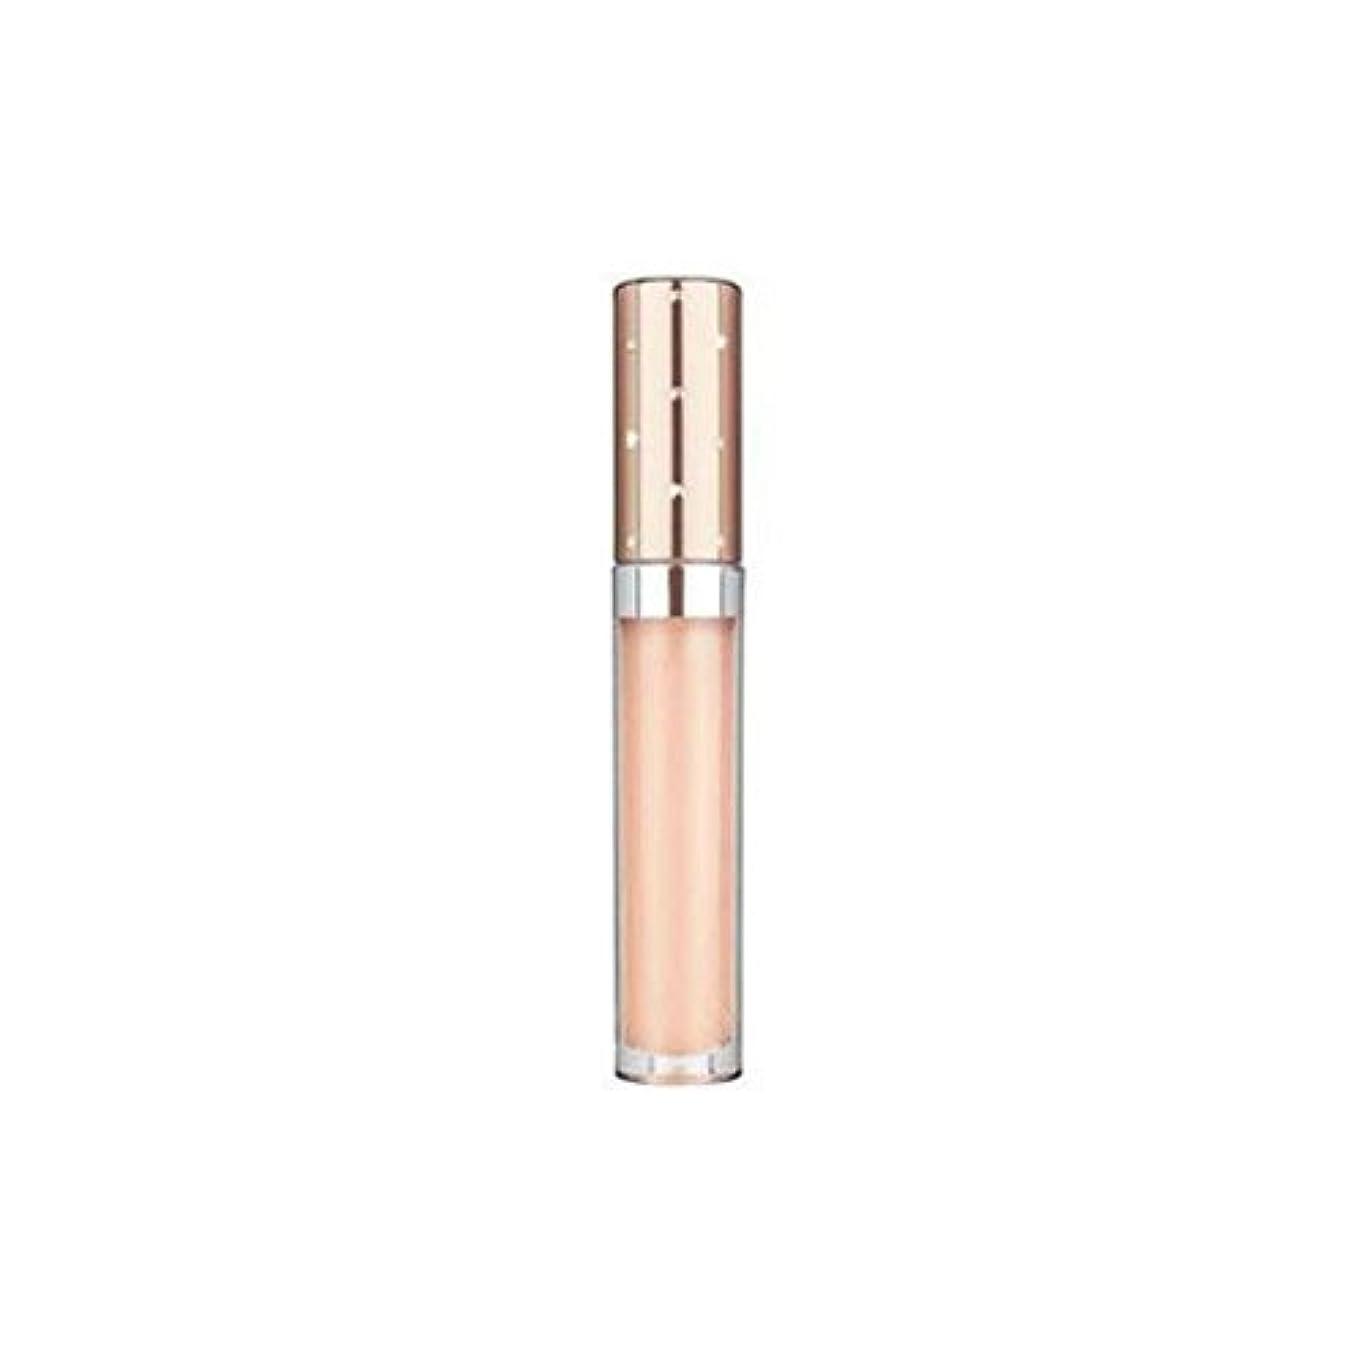 クスクスレキシコンバーマドインスタントリップパーフェクション15(5ミリリットル) x2 - Nubo Instant Lip Perfection Spf15 (5ml) (Pack of 2) [並行輸入品]